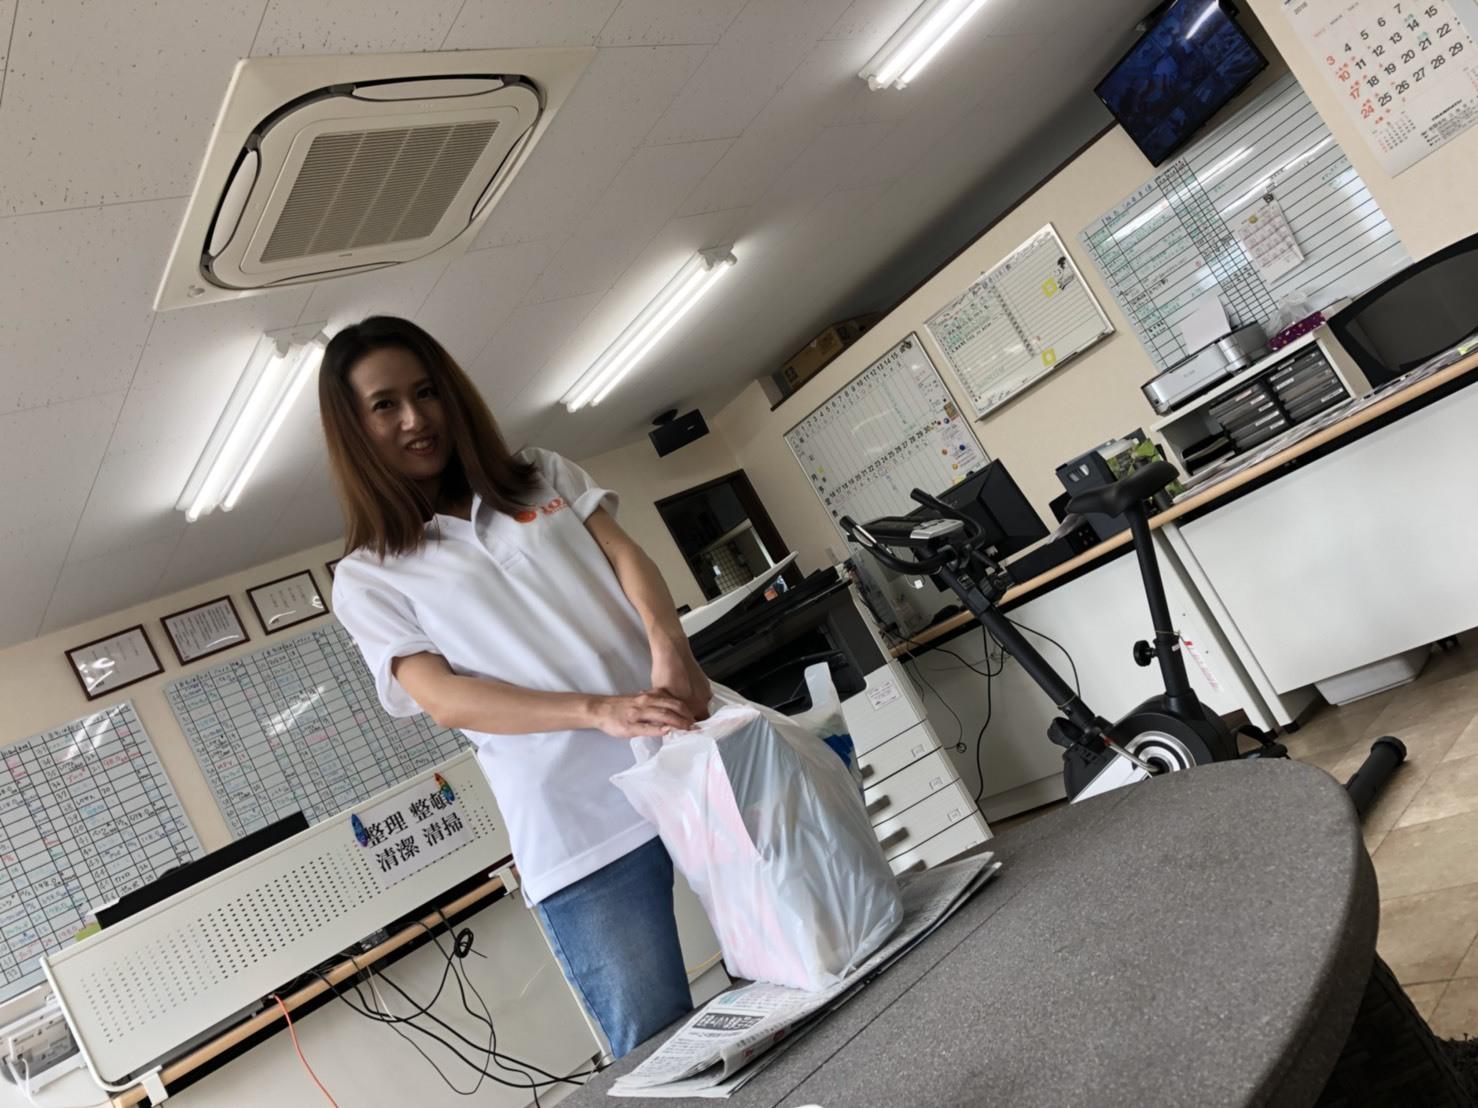 6月8日☄本店みんなぶろぐ(*\'ω\'*)H様F250ご成約🌼_b0127002_16564621.jpg